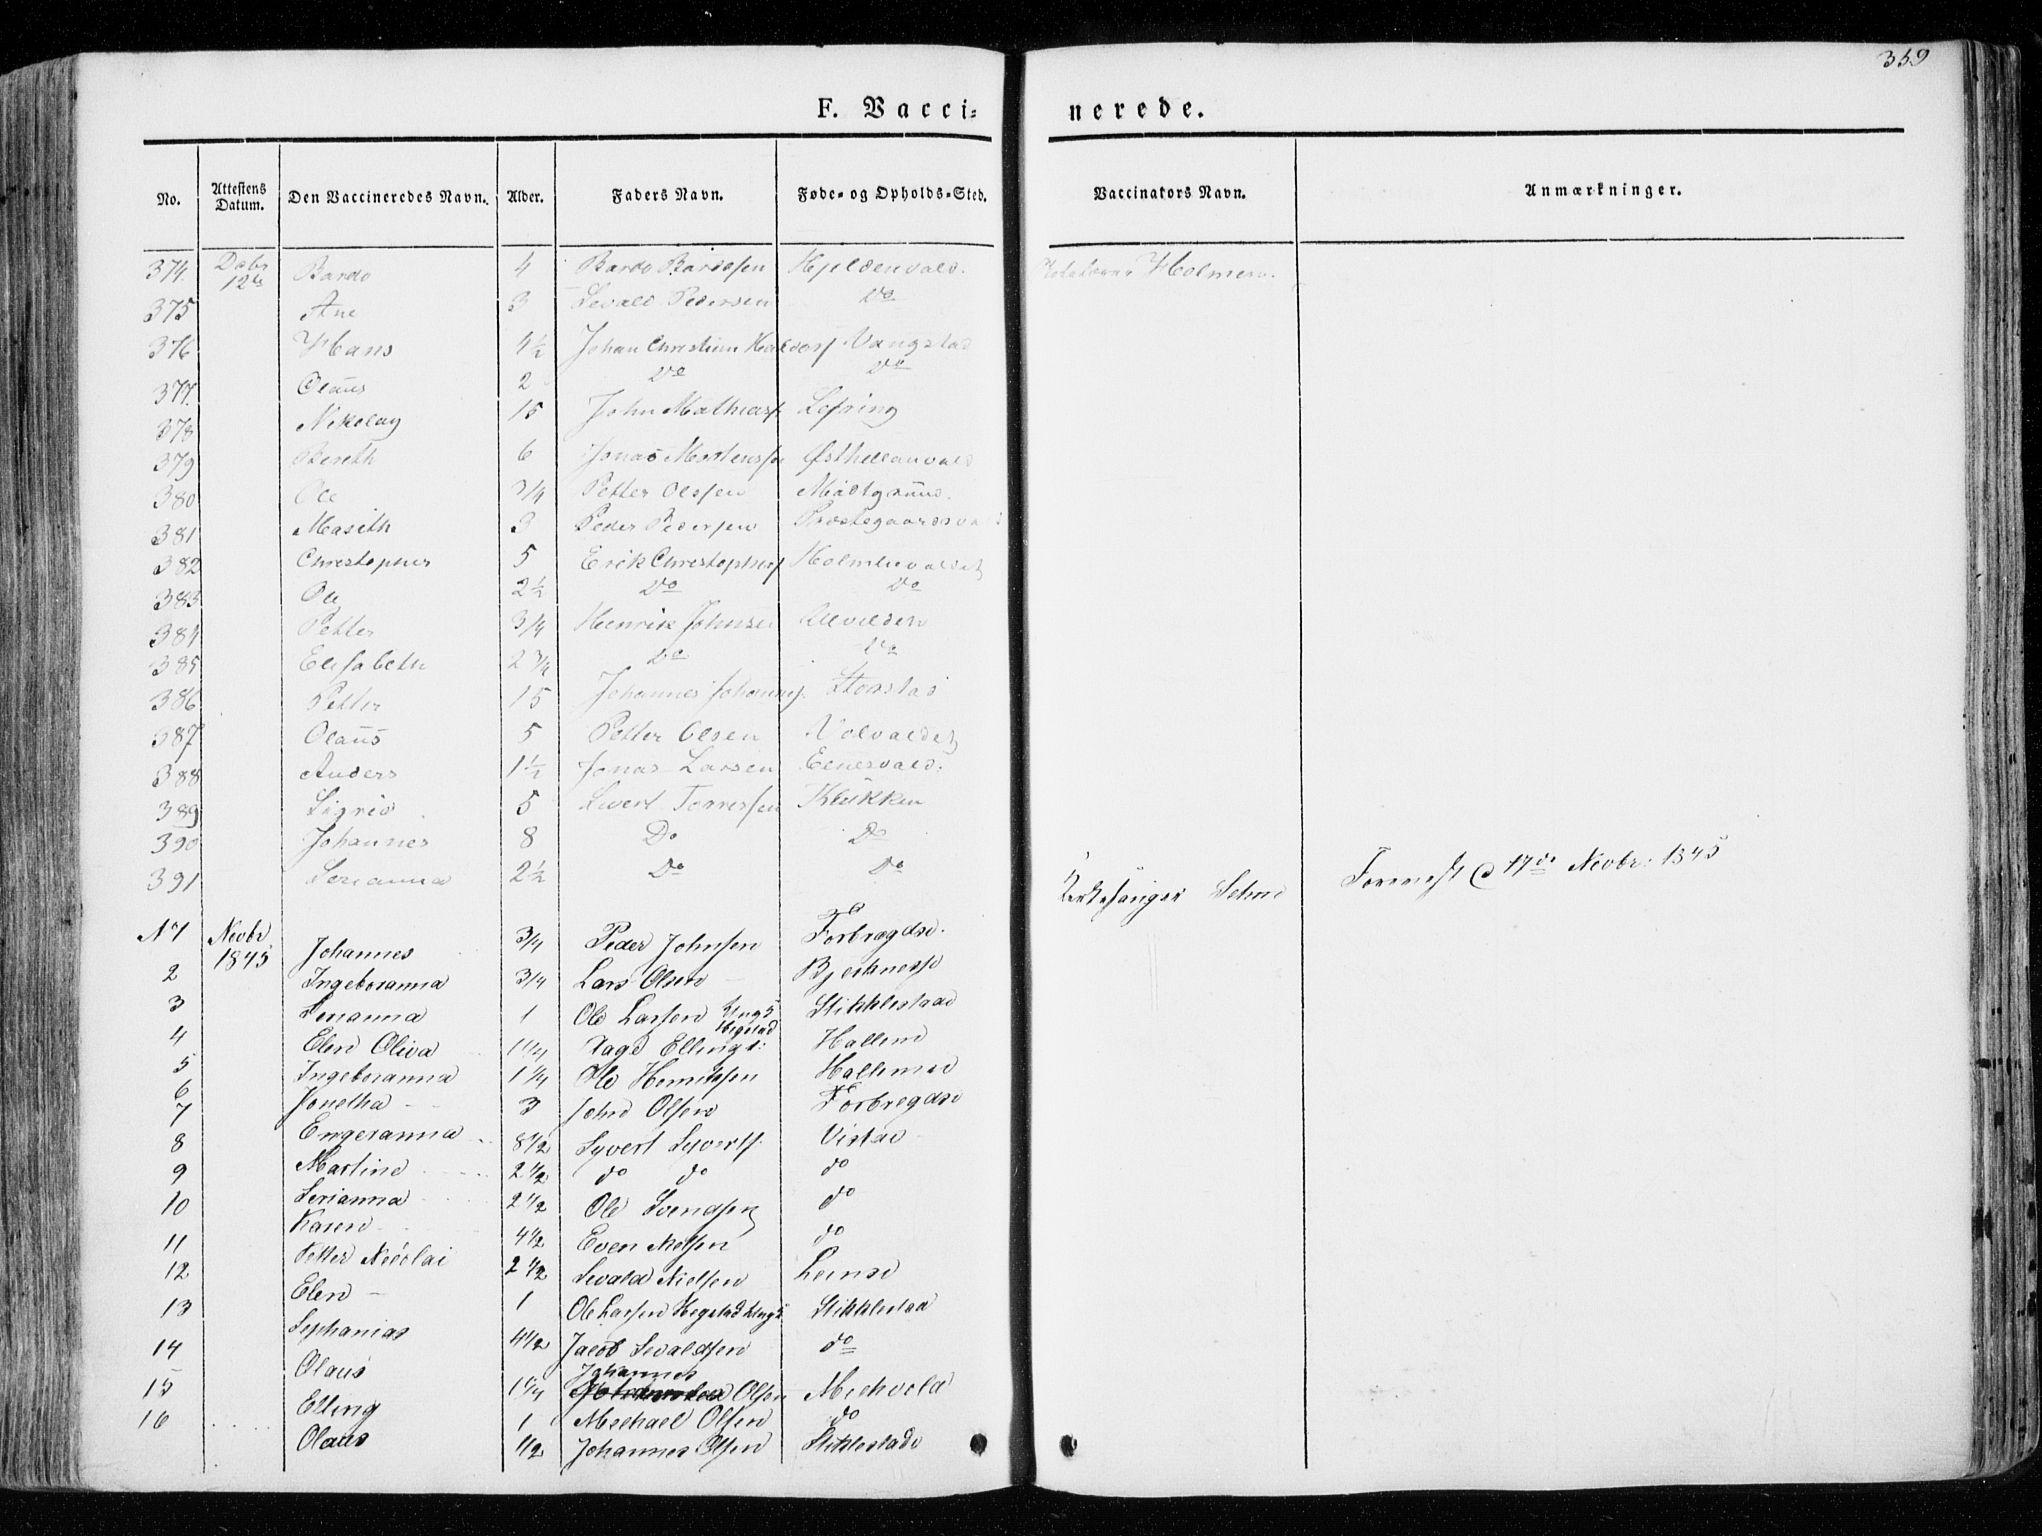 SAT, Ministerialprotokoller, klokkerbøker og fødselsregistre - Nord-Trøndelag, 723/L0239: Ministerialbok nr. 723A08, 1841-1851, s. 359